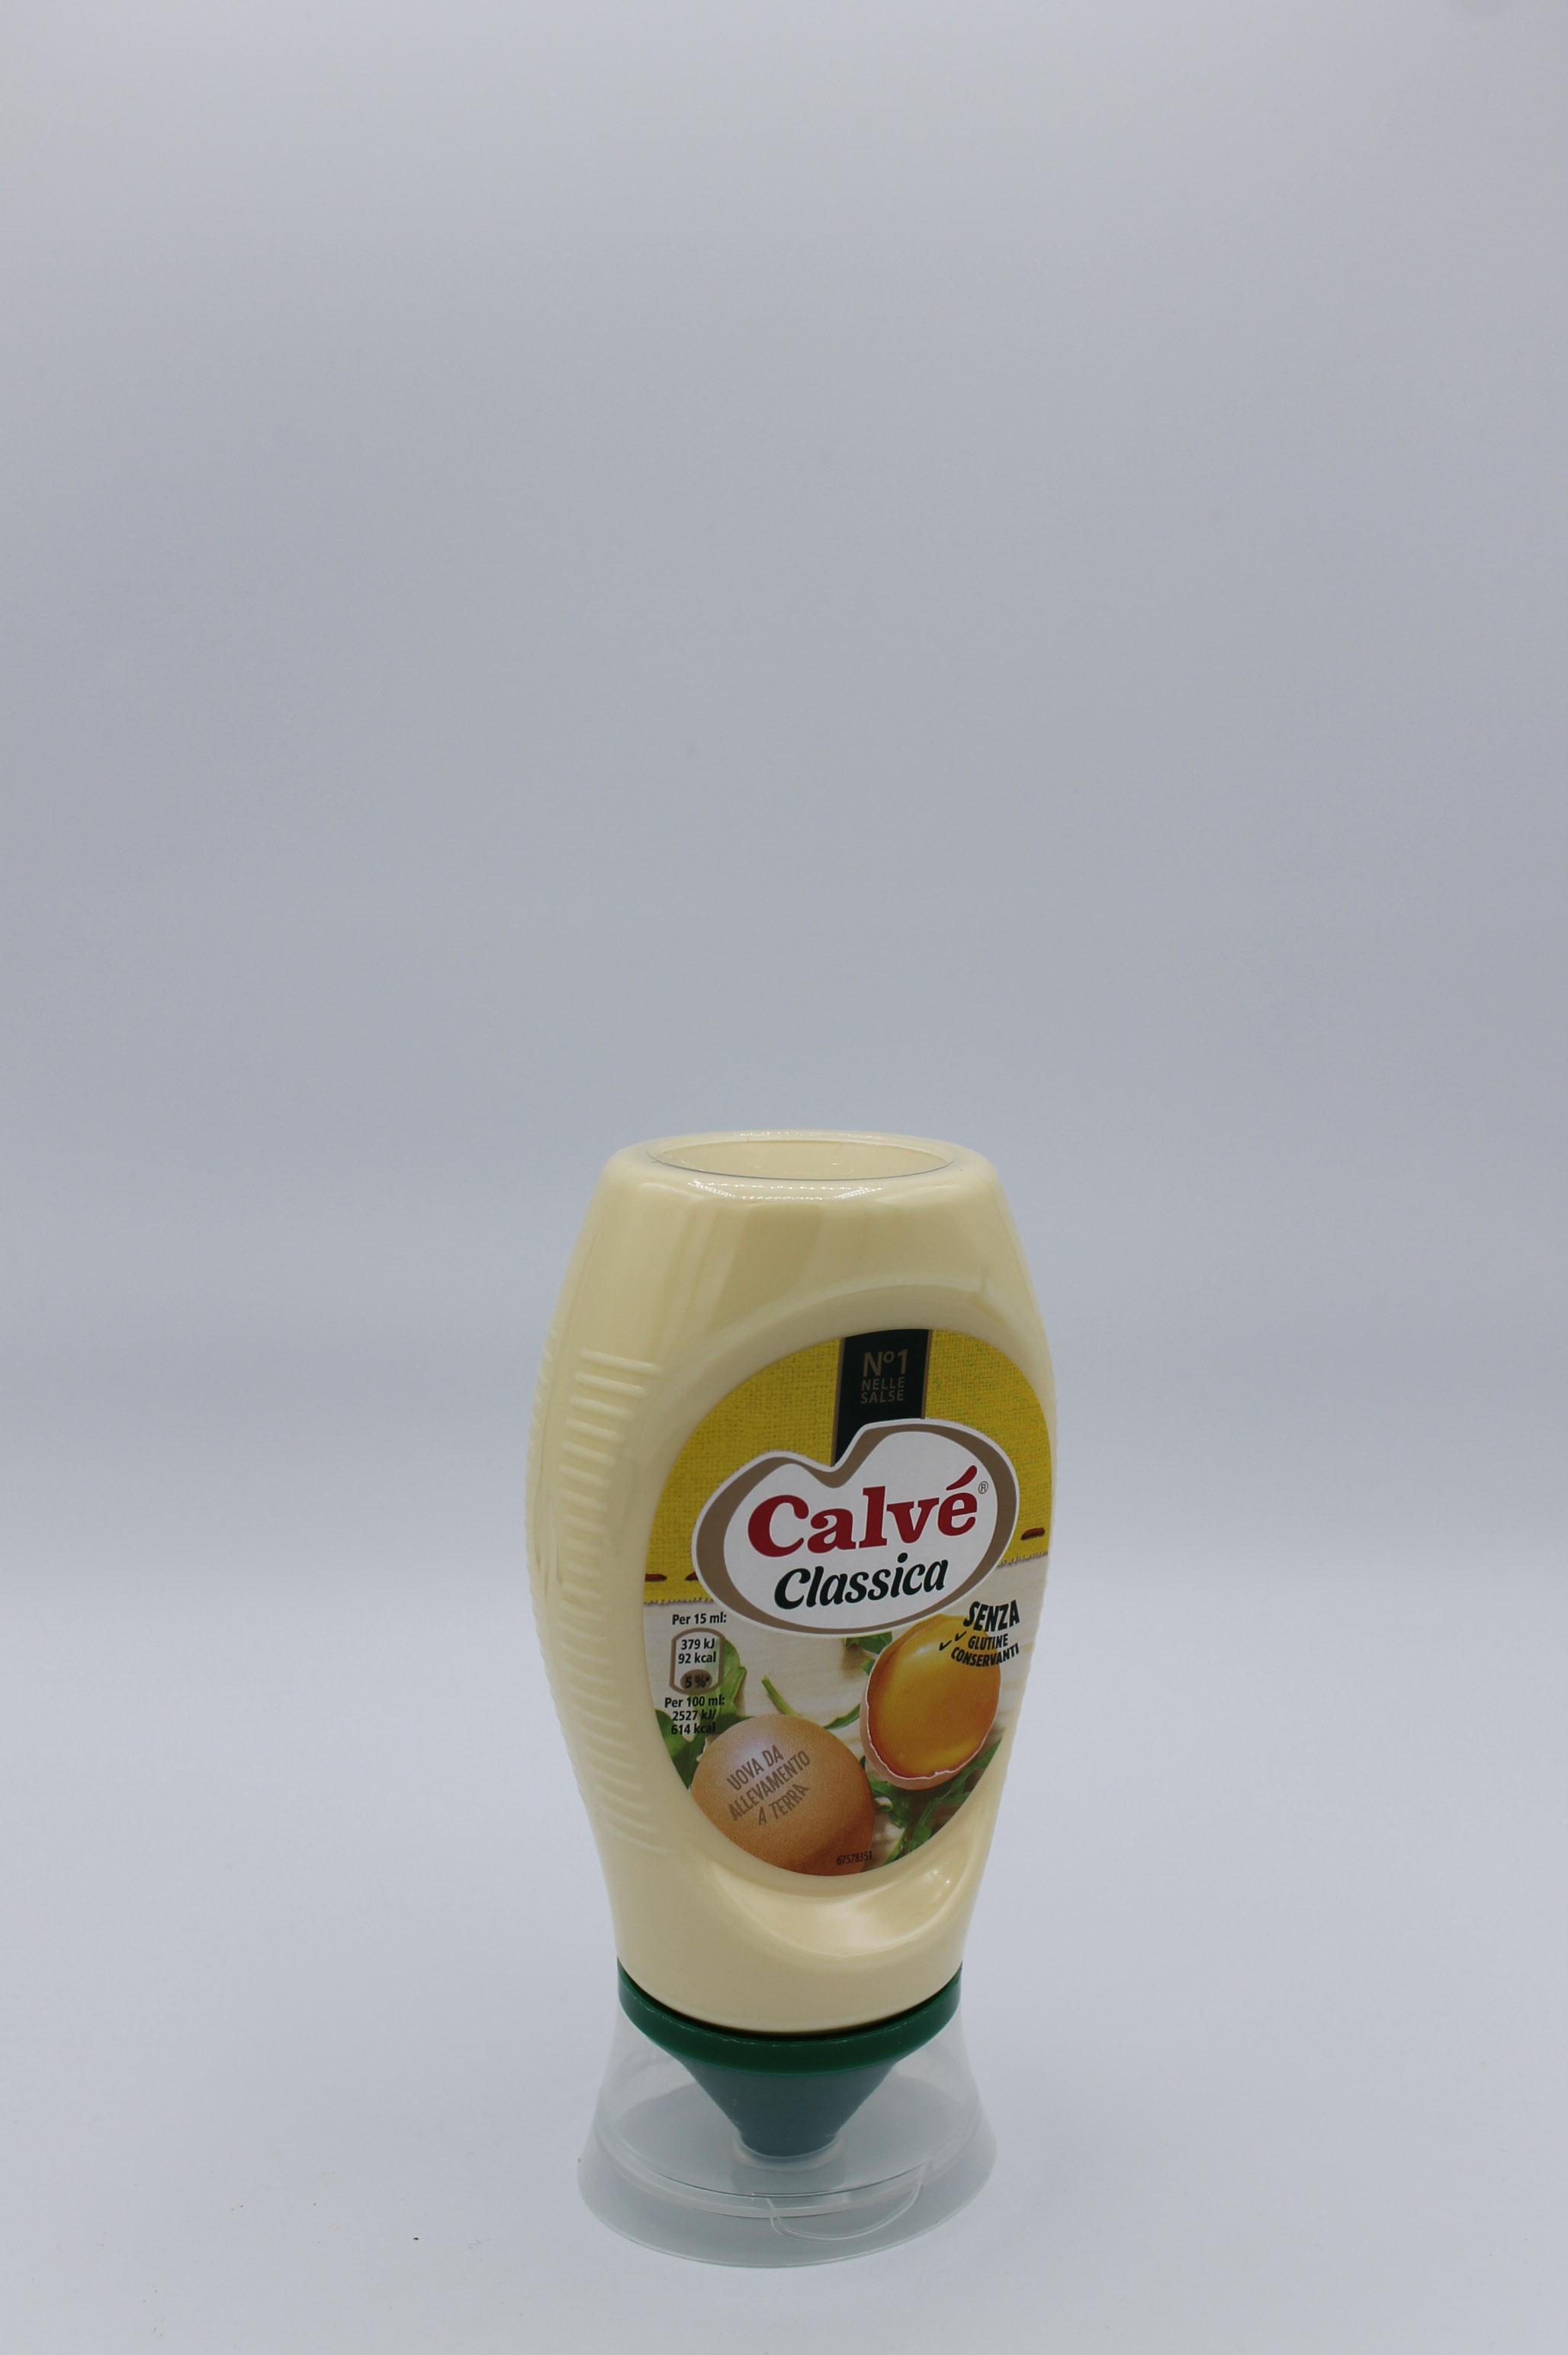 Calvè maionese topdown 238 gr.